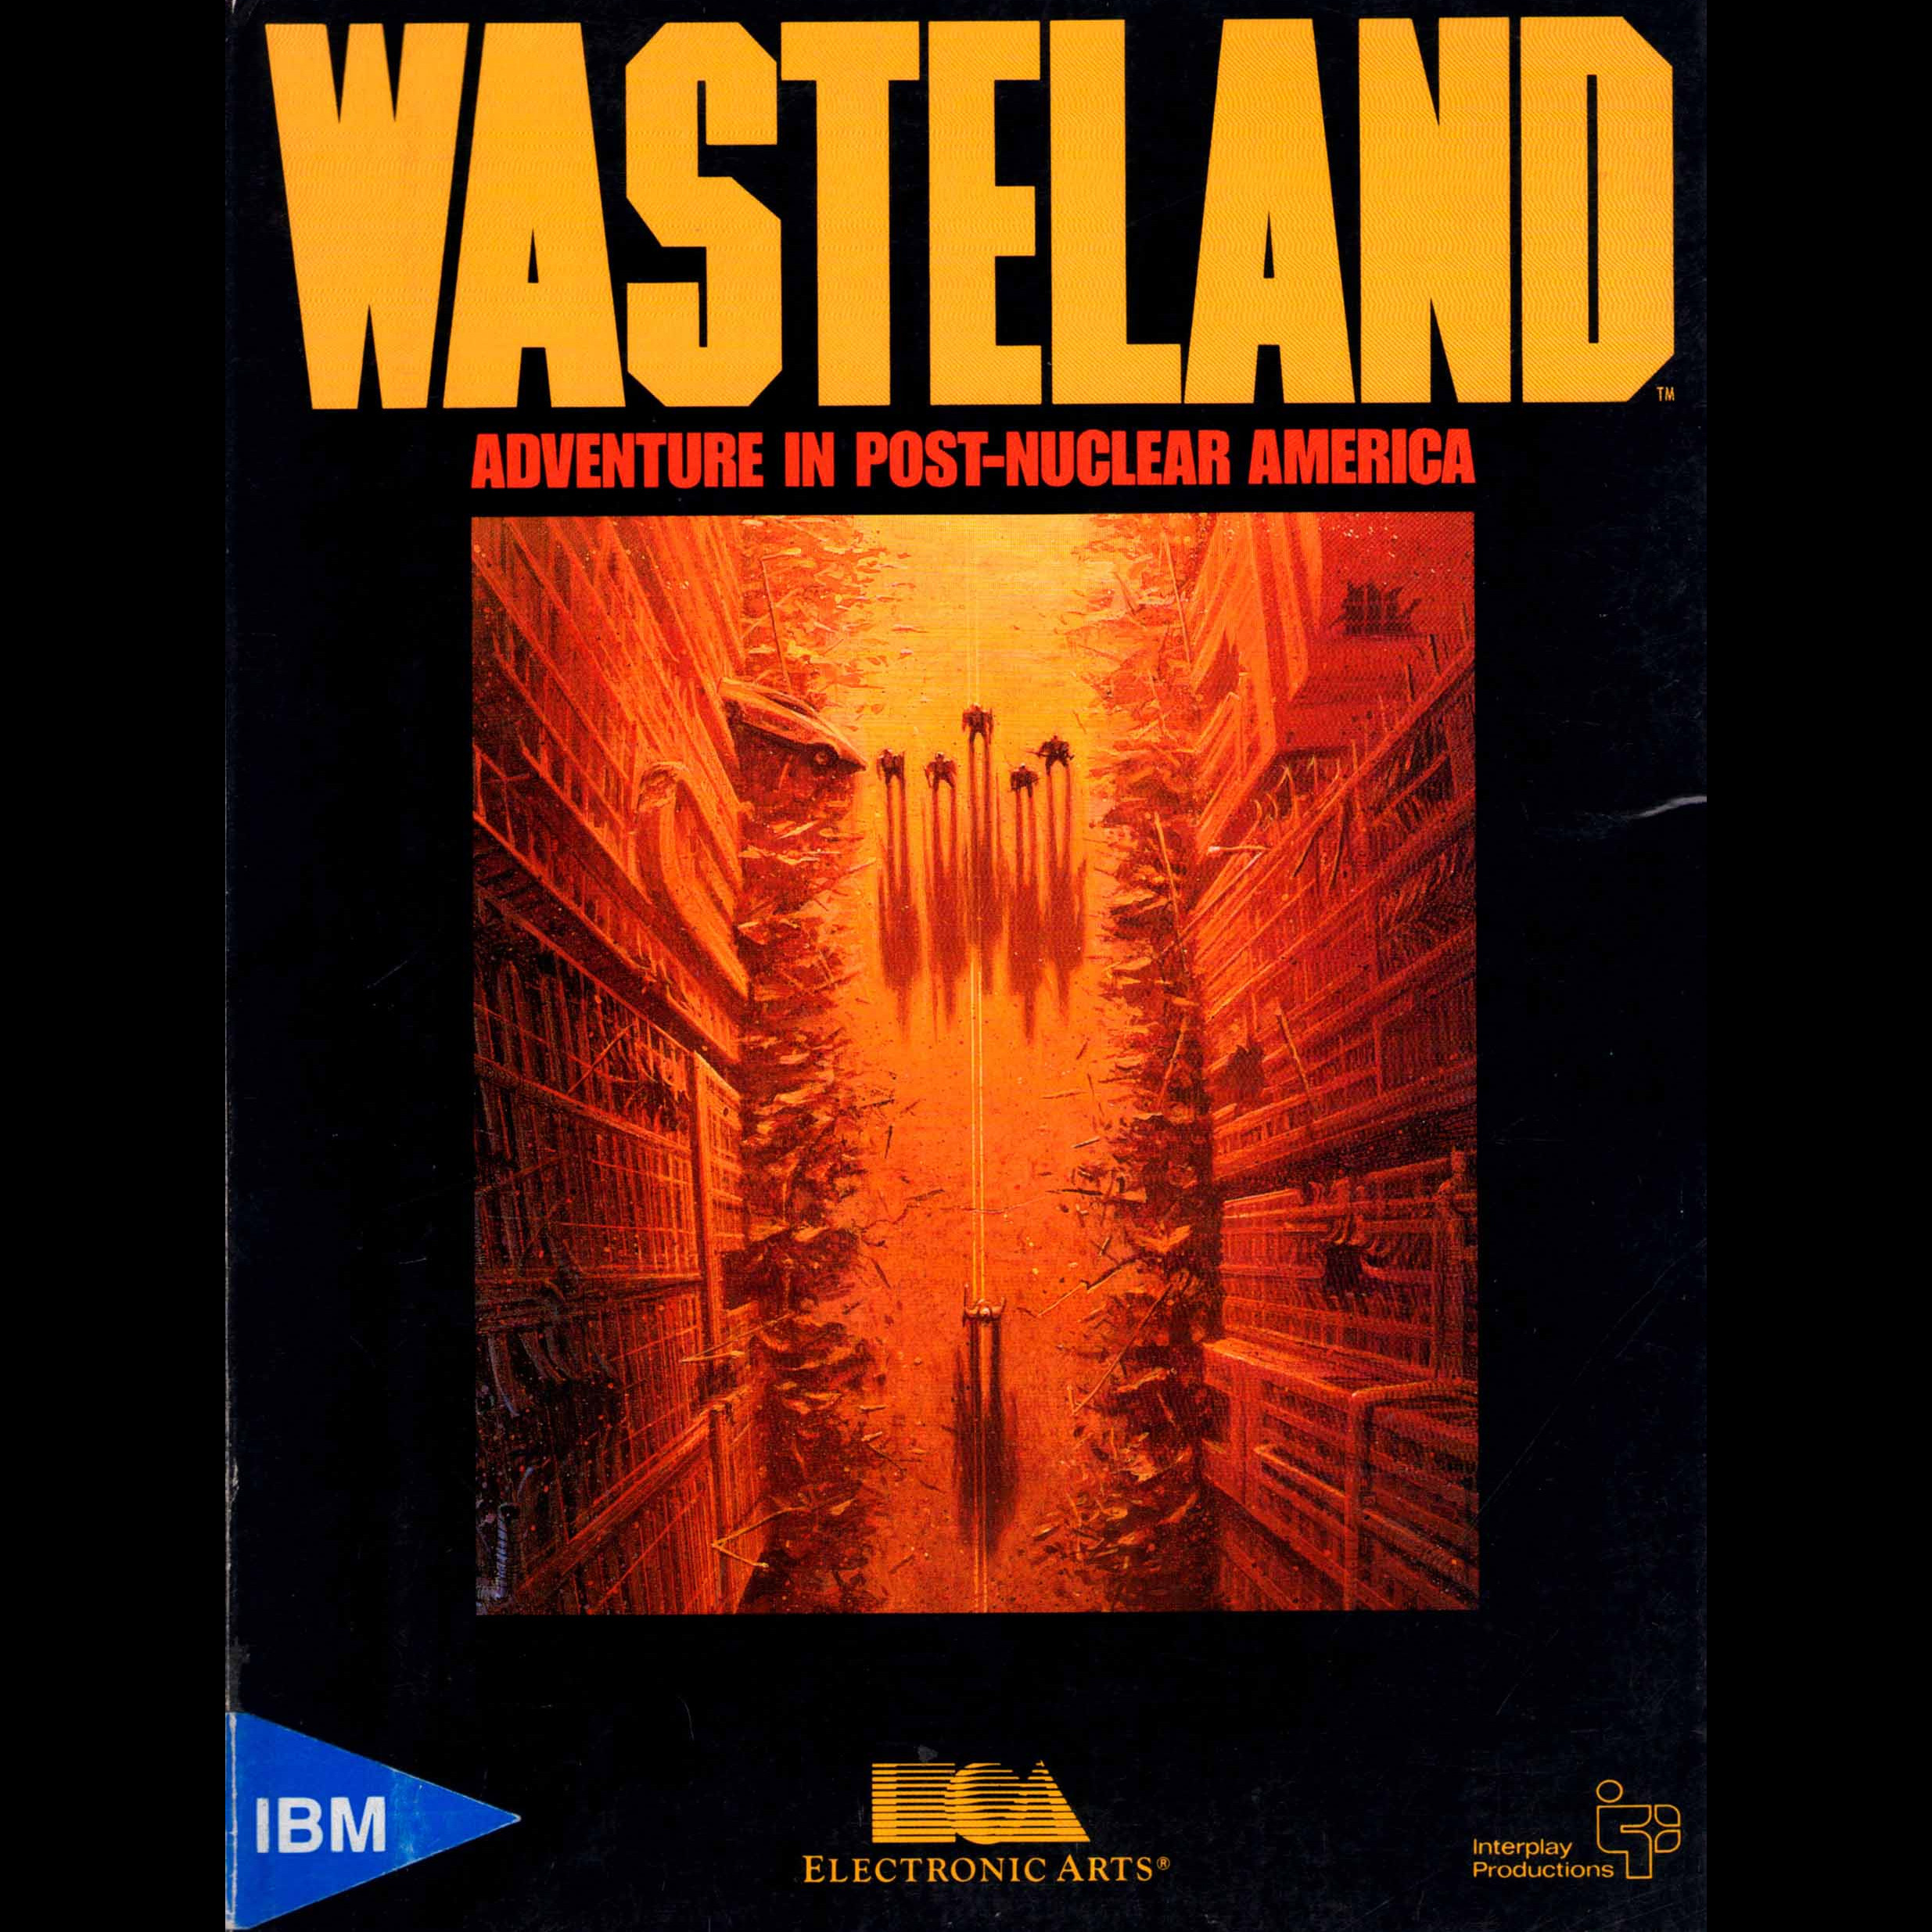 Original 1988 cover